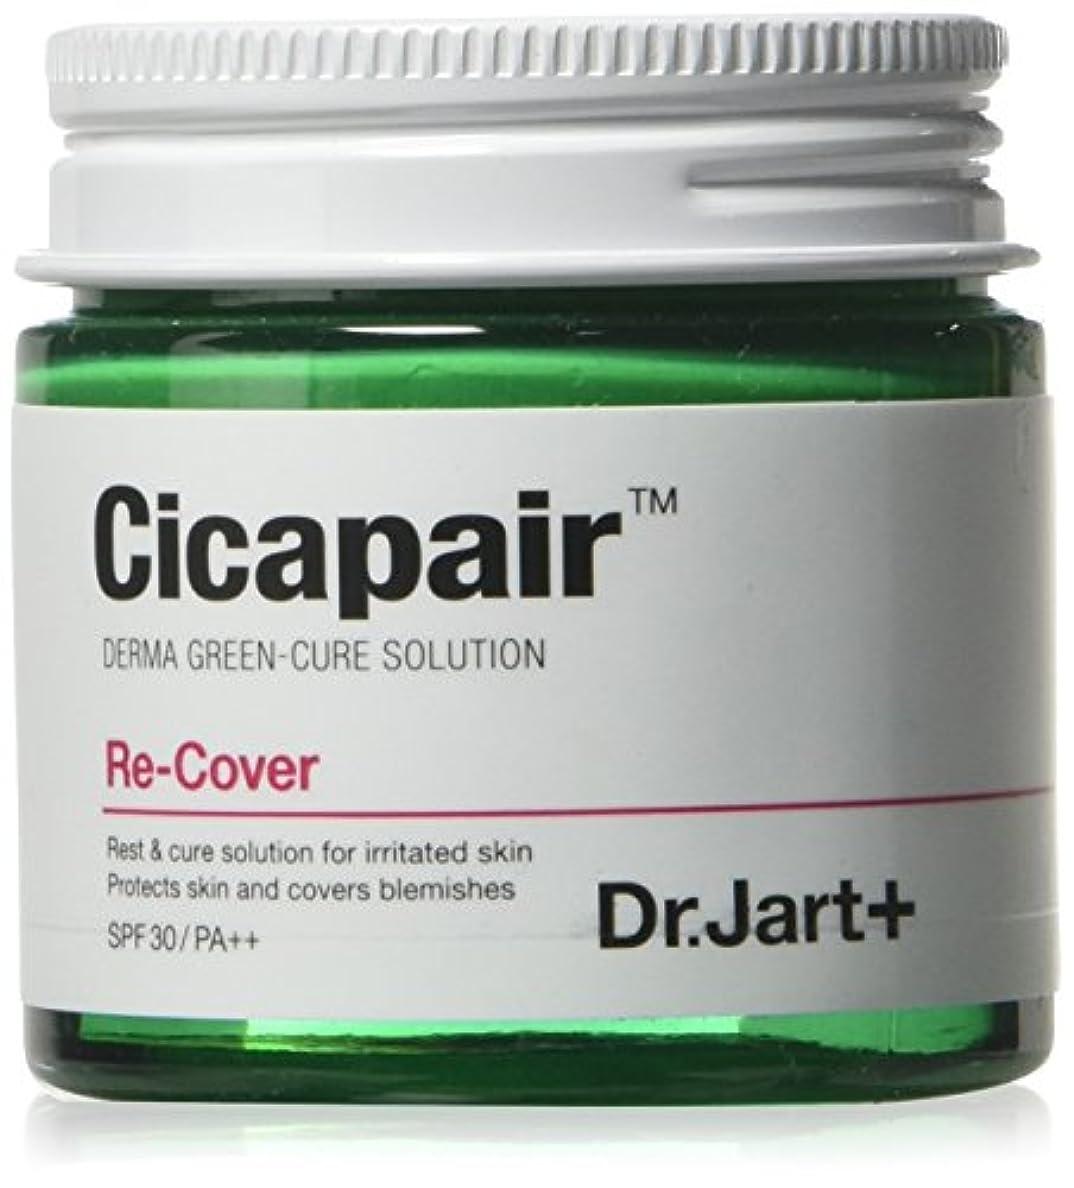 条件付き近代化中絶[Dr.Jart+ Cicapair ReCover] ドクタージャルトシカペアリカバー 皮膚回復と保護紫外線カット 黄砂ケア 韓国直送 SPF30/PA++